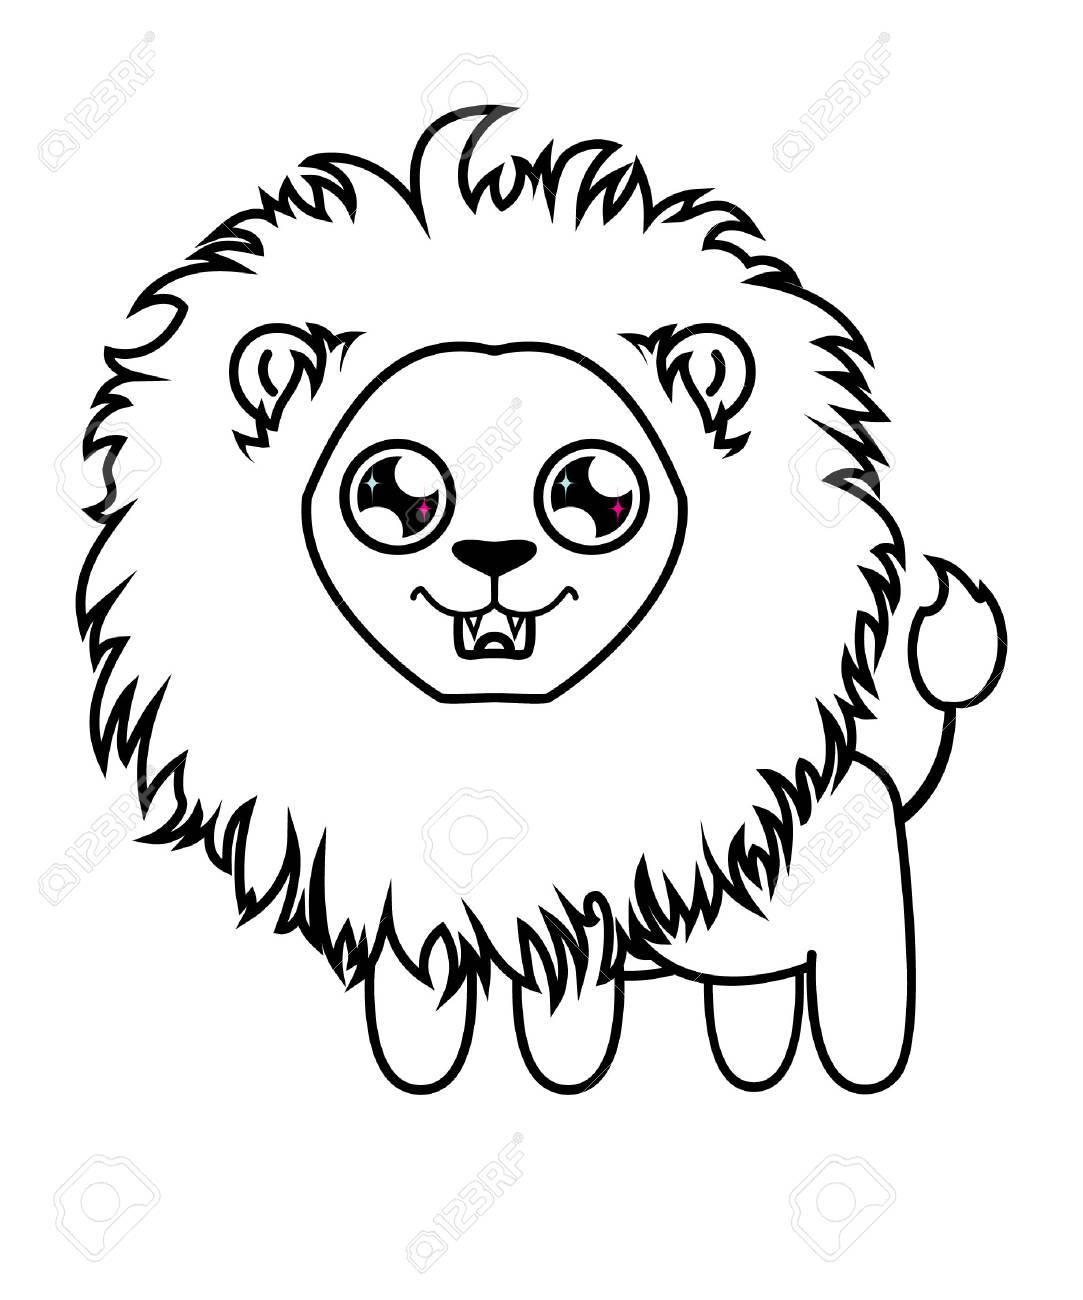 Cher Petit Lion Lionceau A Colorier Lion Affame Clip Art Libres De